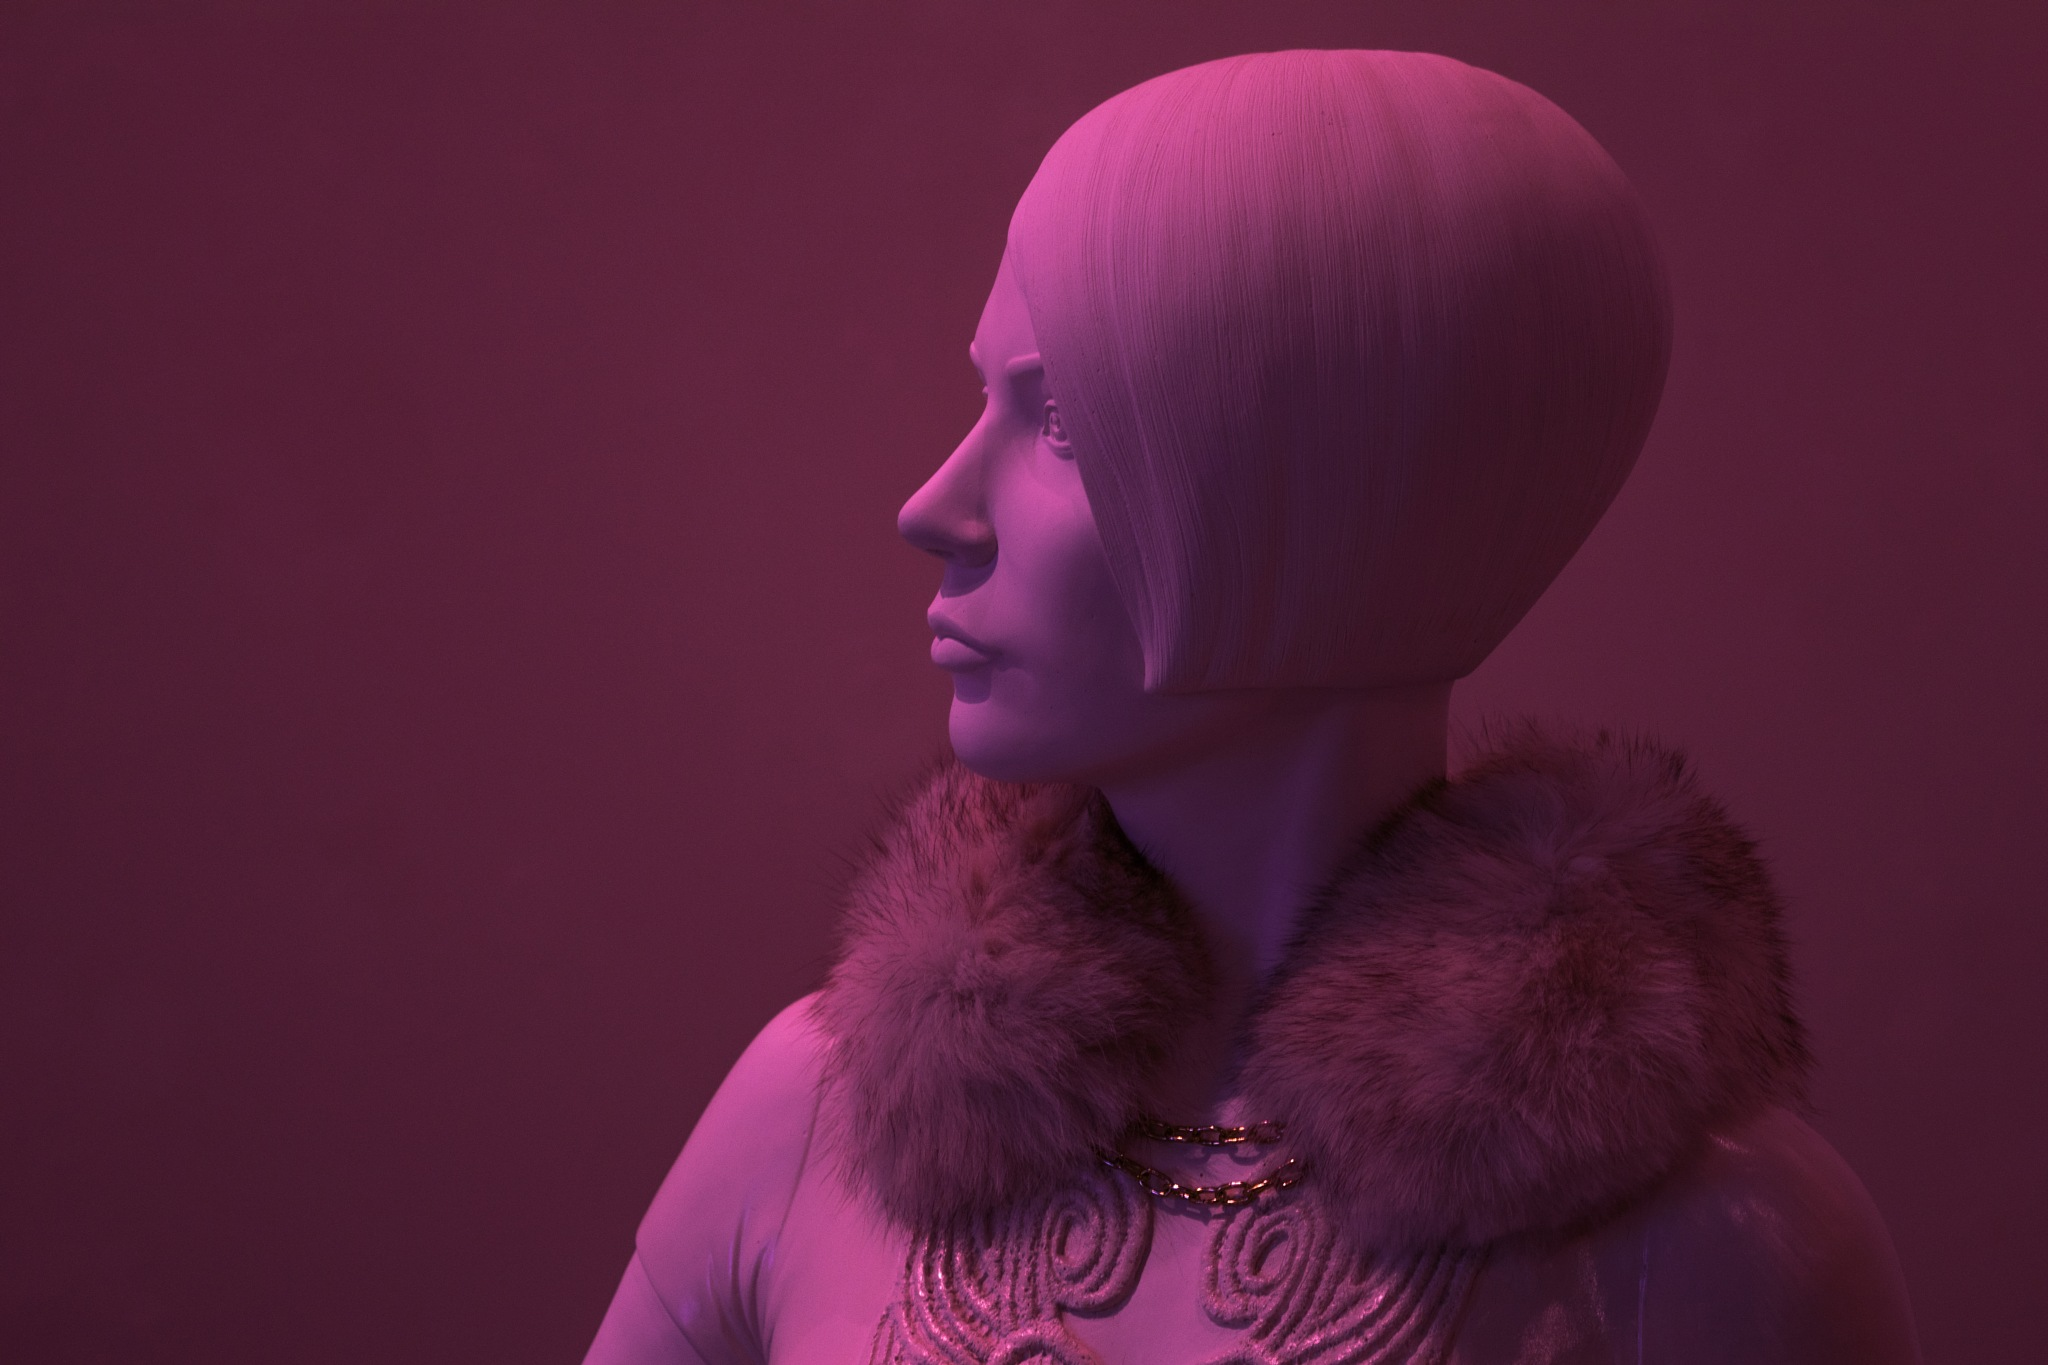 Marianne Siri, Art by Timo V